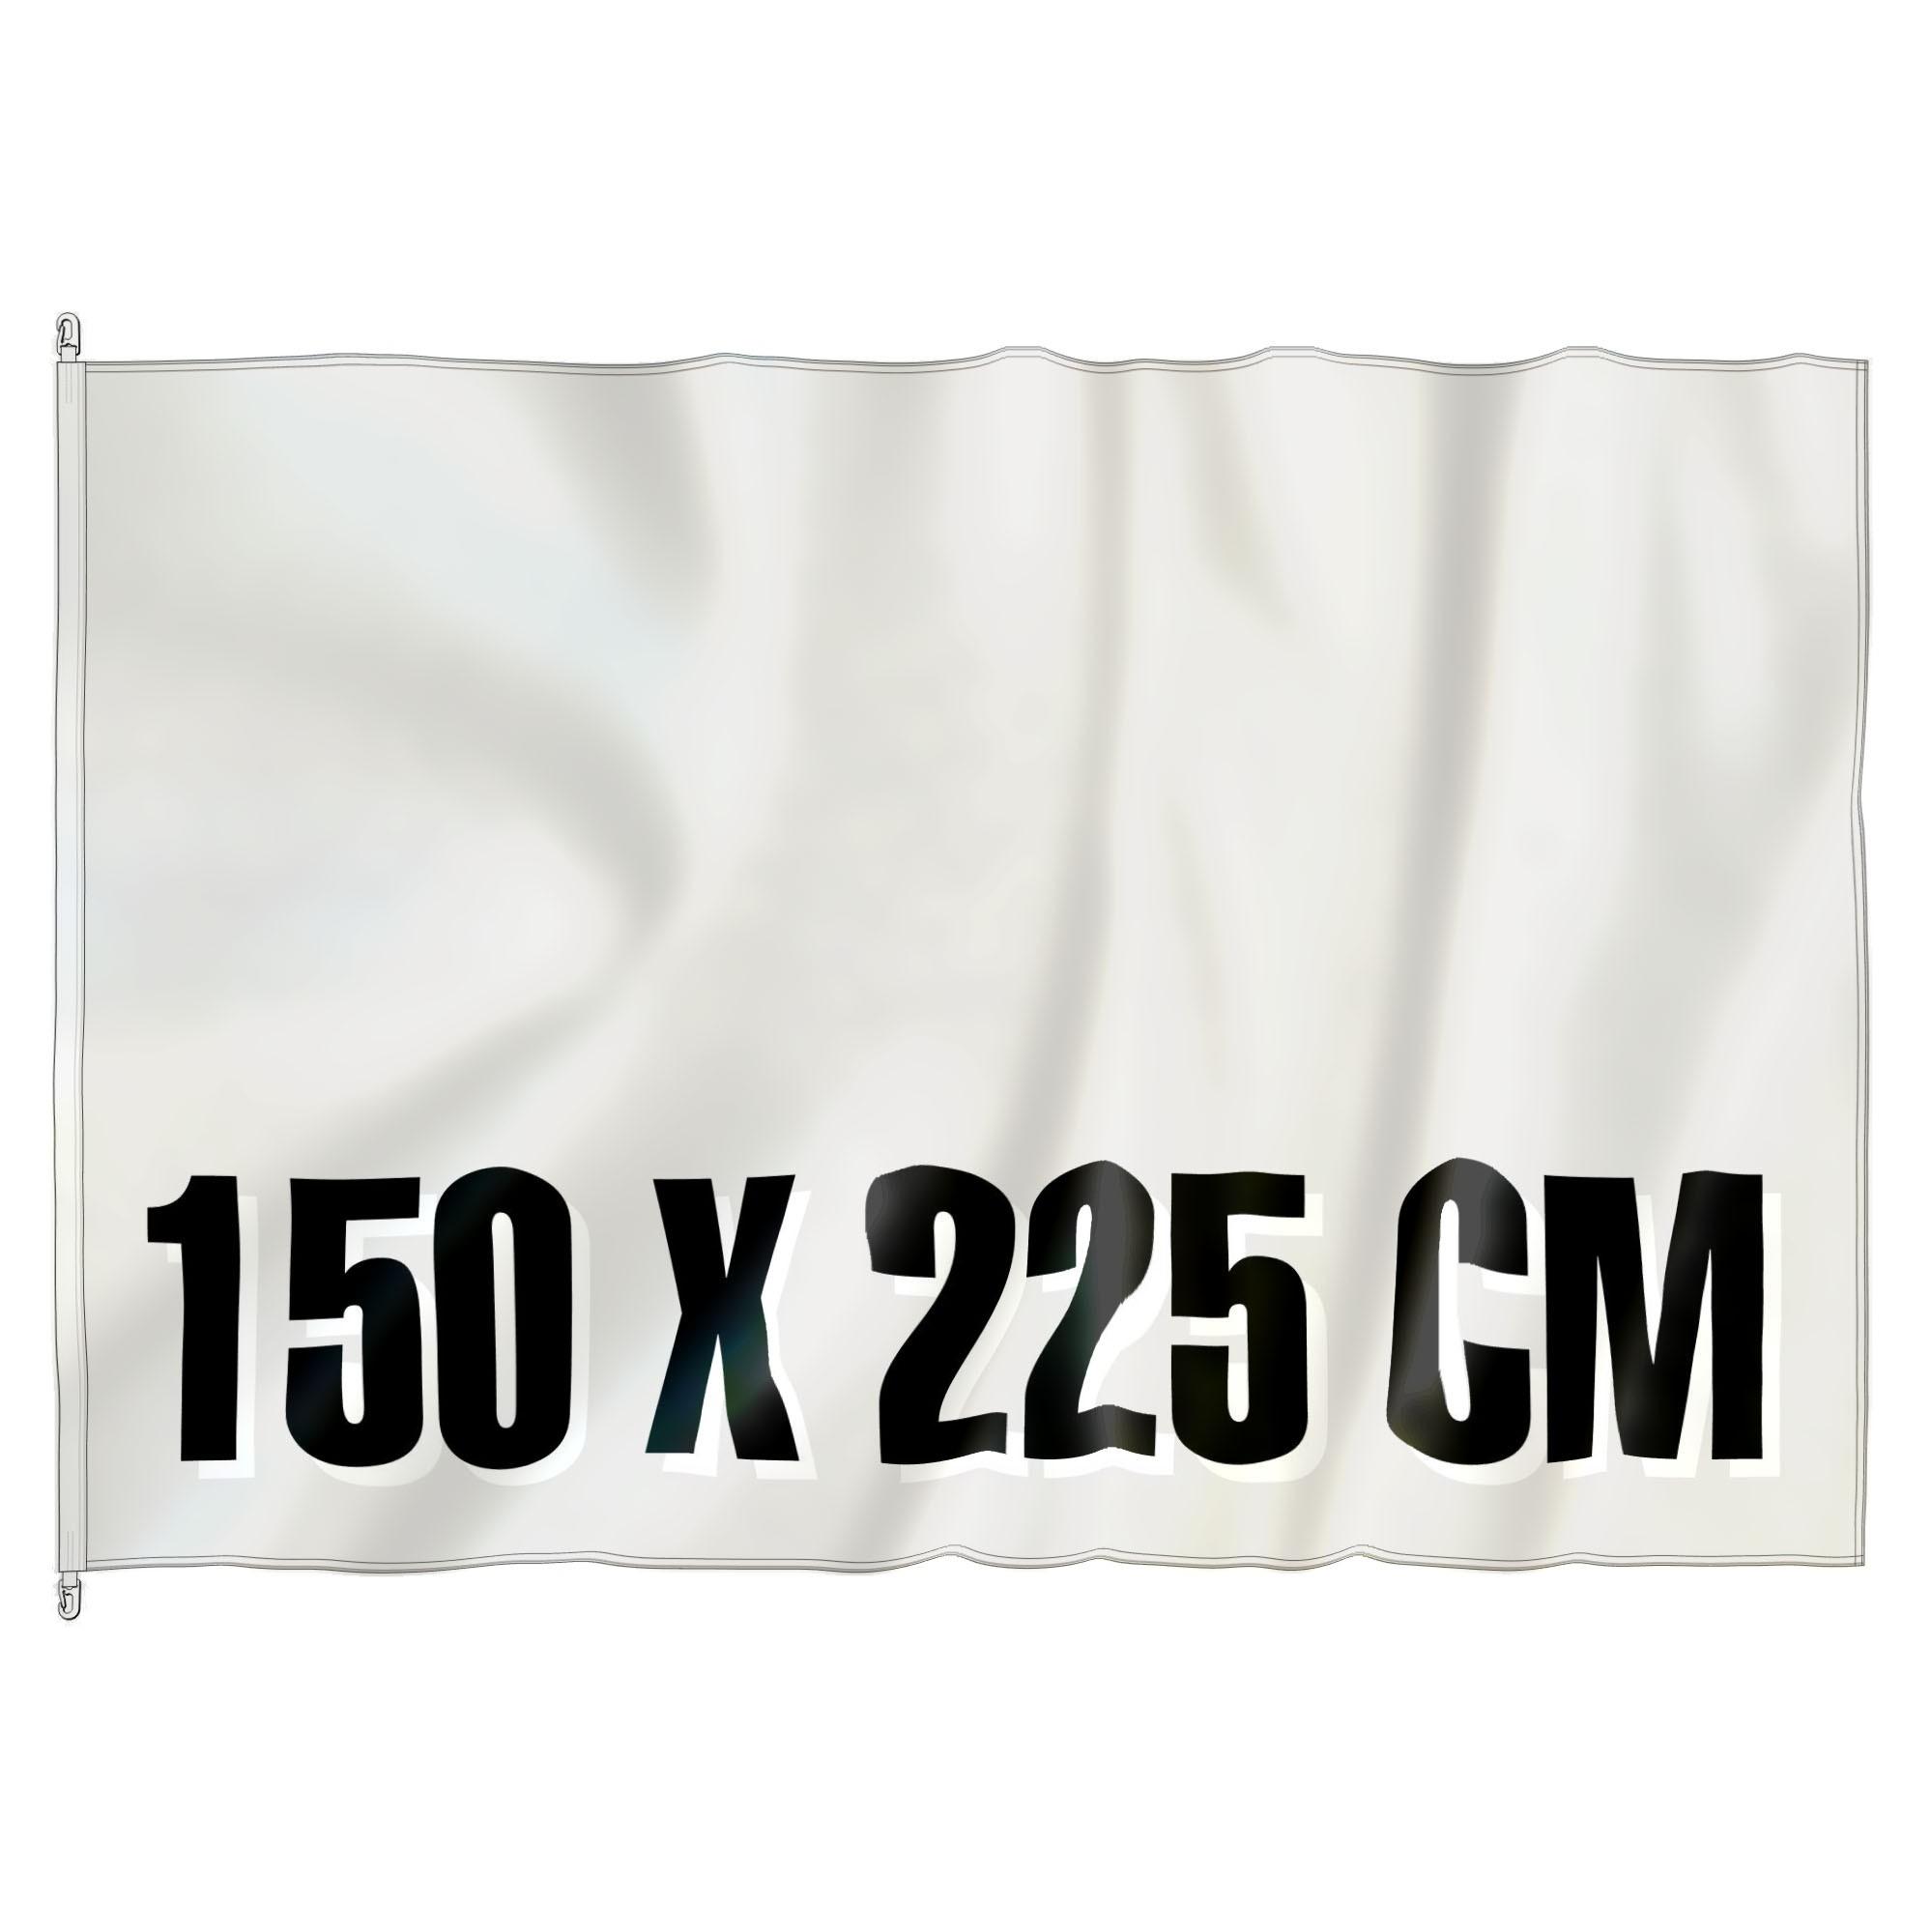 Mast Vlag 150 cm x 225 cm, fullcolor, glanspolyester 120 gr/m2